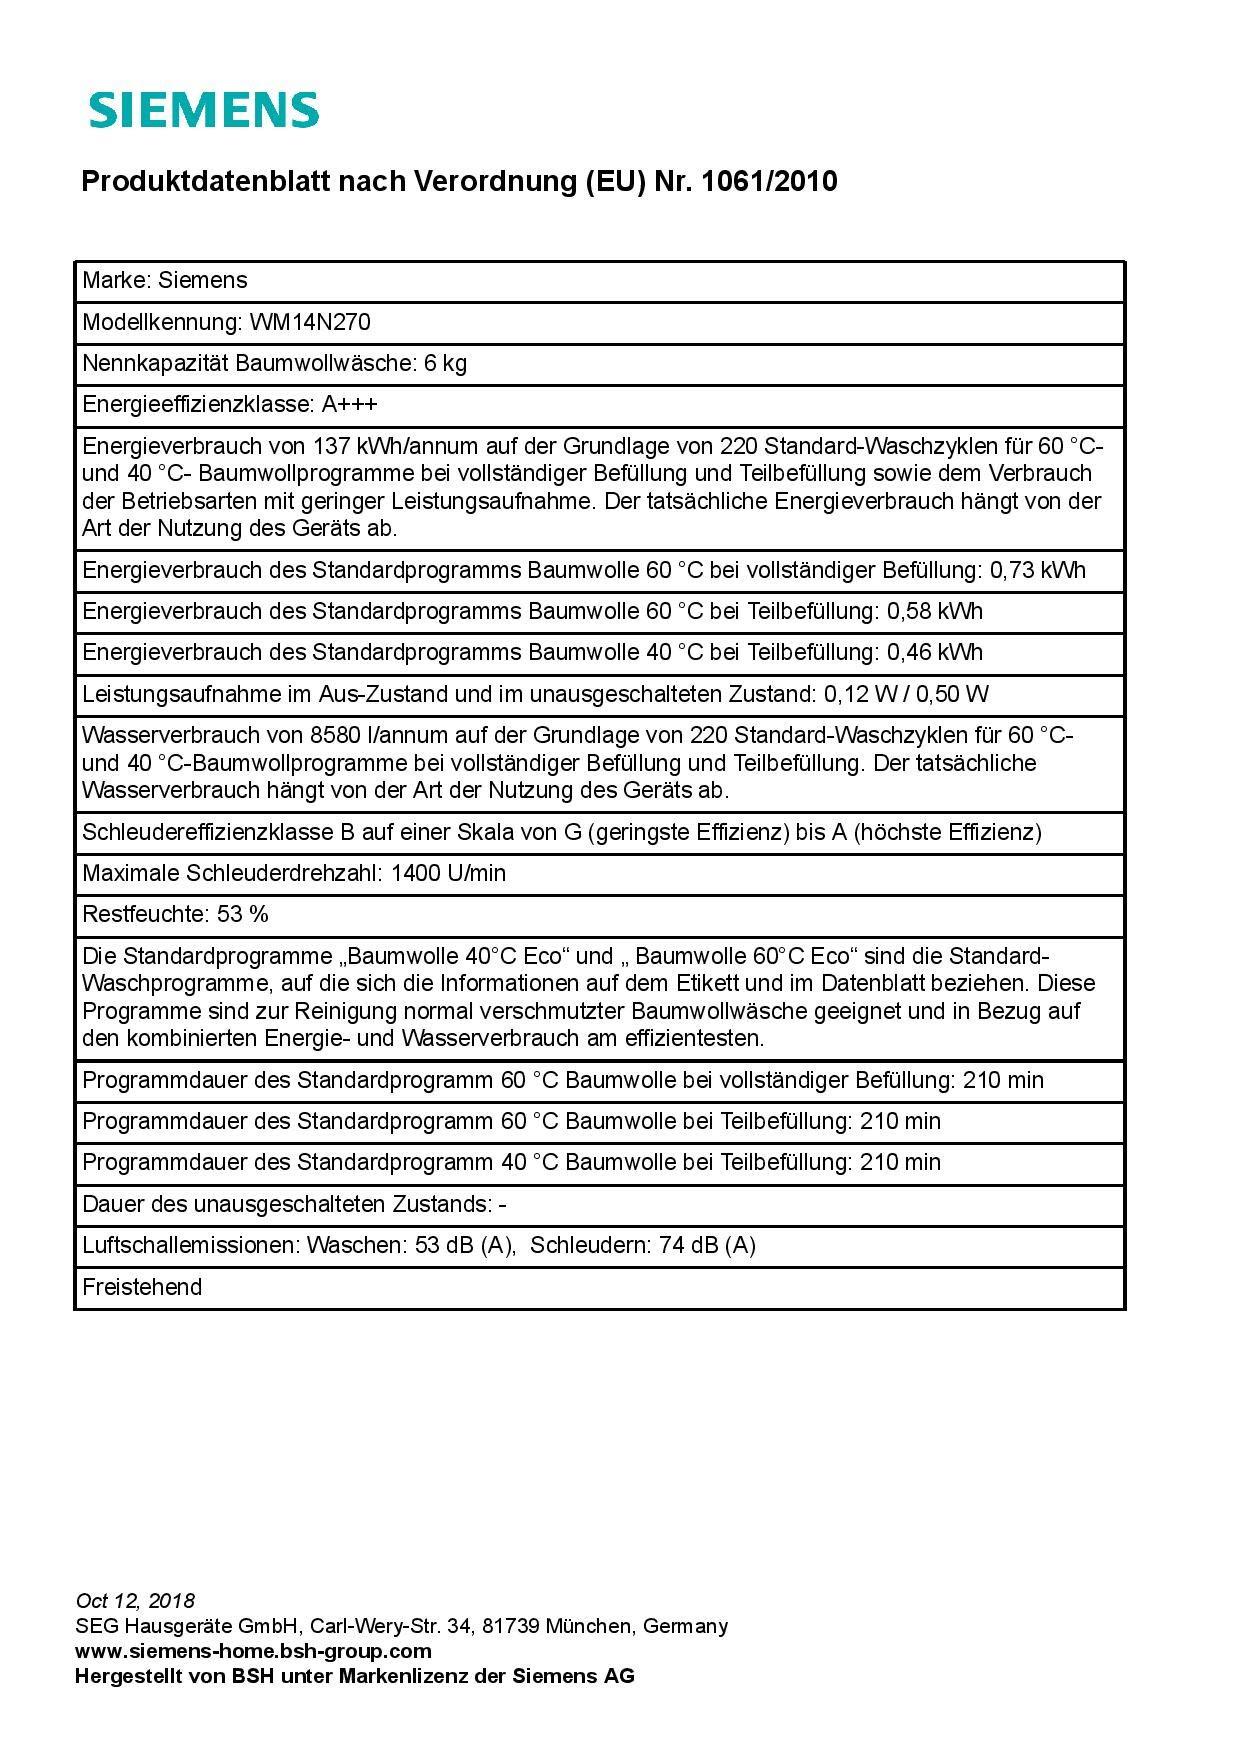 Siemens-iQ300-Waschmaschine-WM14N270-600-kg-A-137-kWh-1400-Umin-Schnellwaschprogramm-Nachlegefunktion-aquaStop-mit-lebenslanger-Garantie